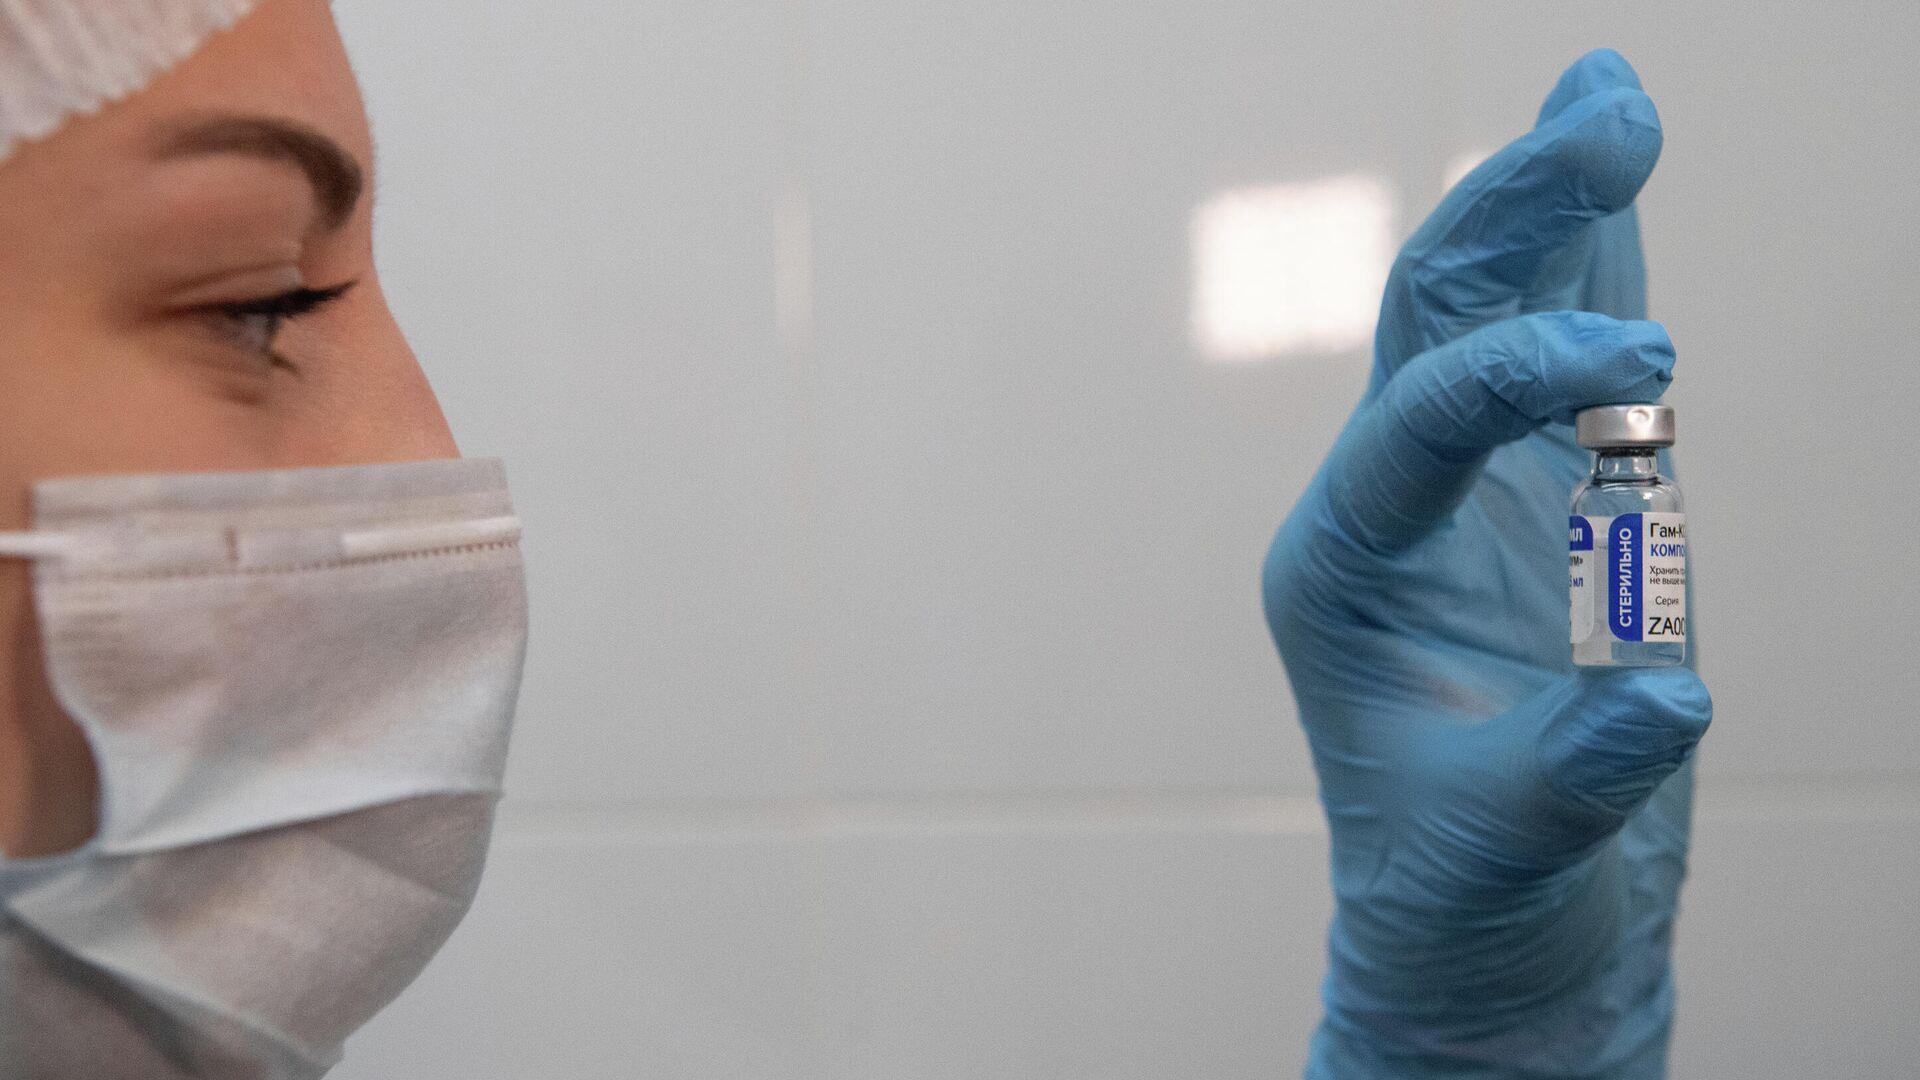 Медработник демонстрирует компонент 1 вакцины от коронавируса Спутник V - РИА Новости, 1920, 17.01.2021